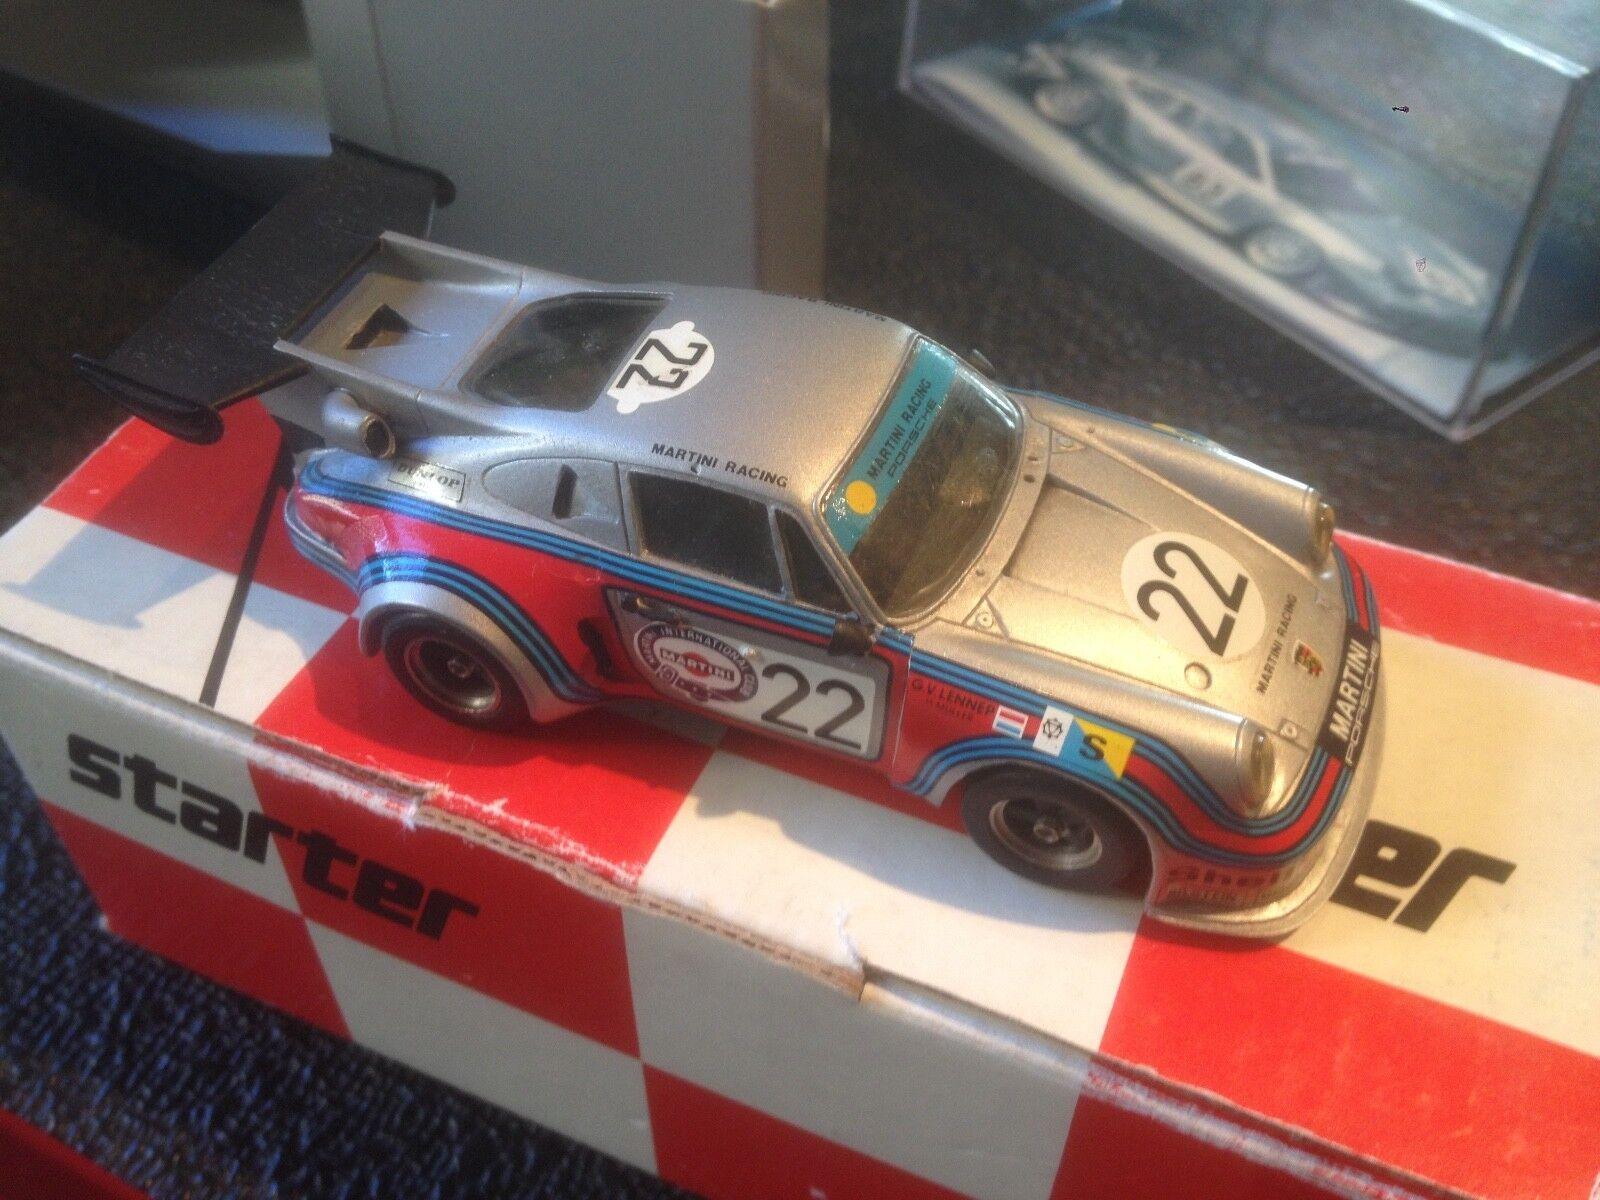 STARTER PORSCHE 911 RSR TURBO MARTINI LE MANS 1974  43 BUILT KIT